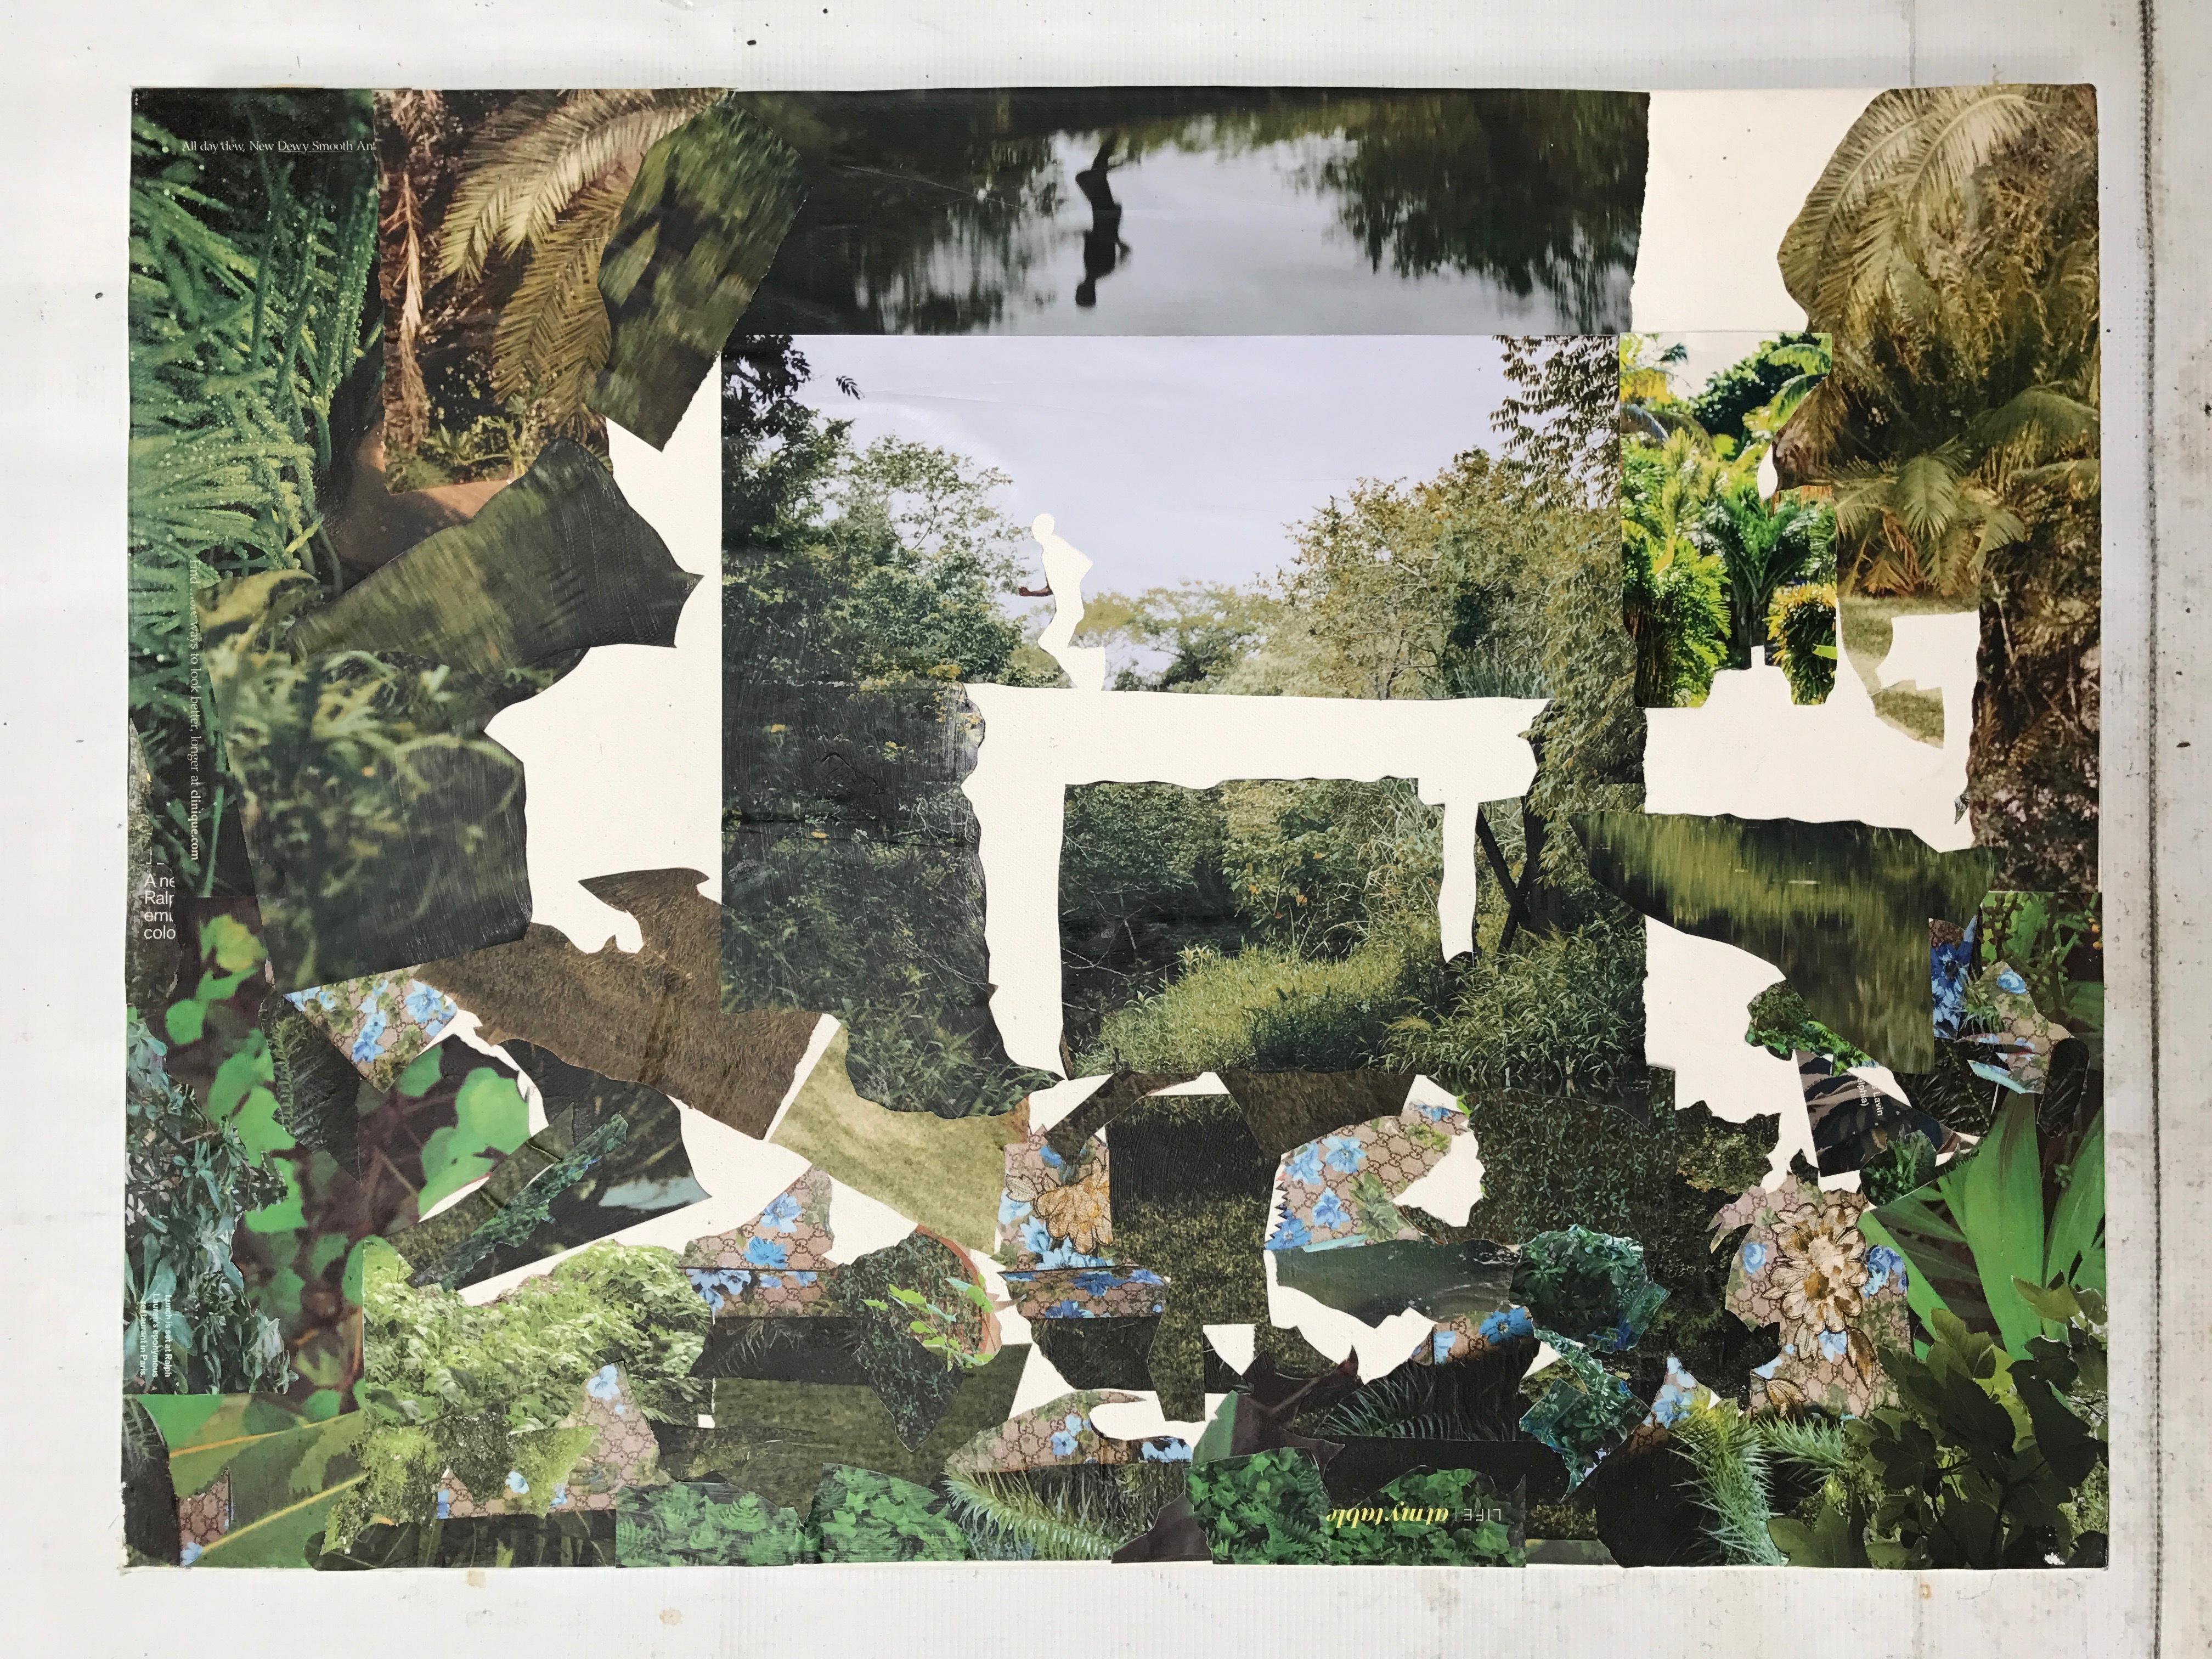 Lester Merriweather, Studio Visit, June 2017